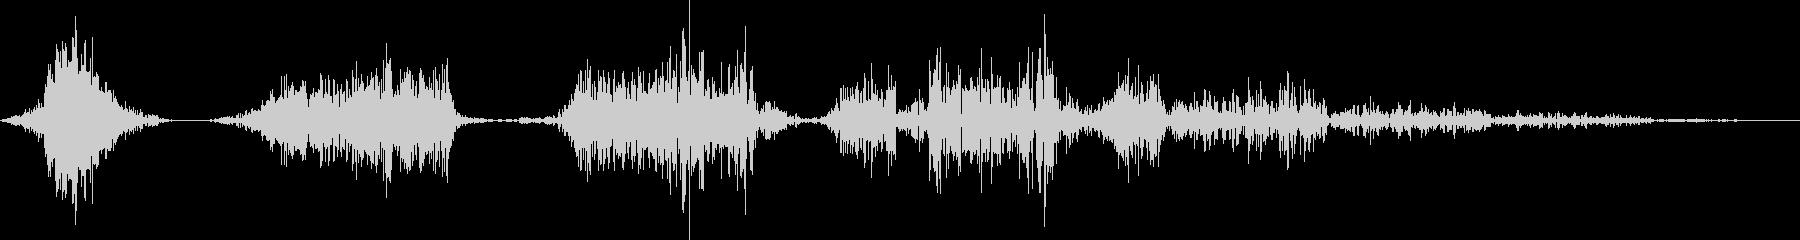 高速マルチウーシャノイズフィルターの未再生の波形